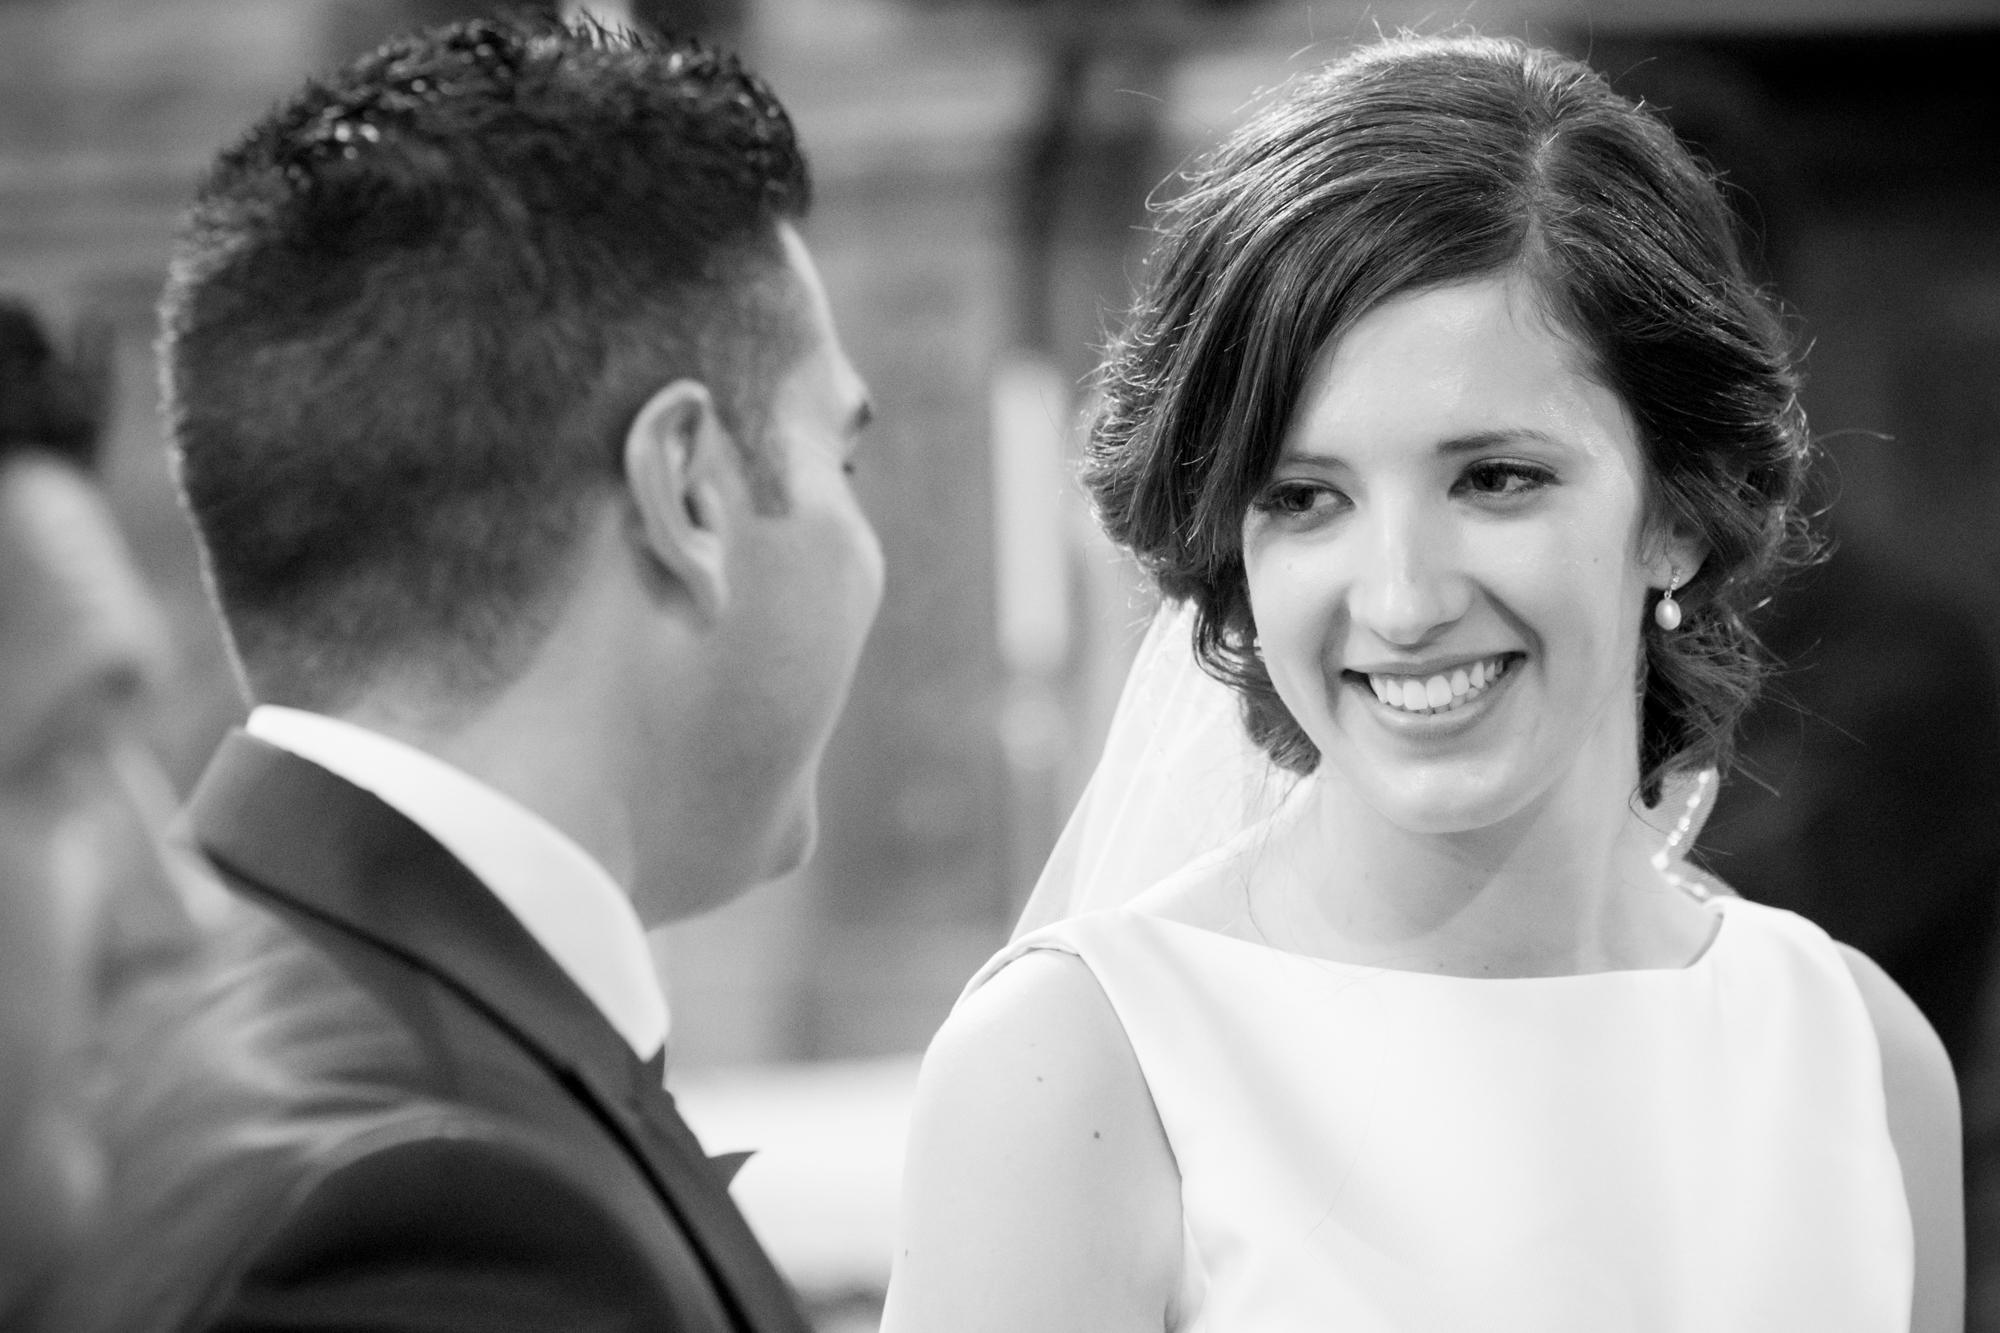 fotografos-de-boda-iglesia.jpg